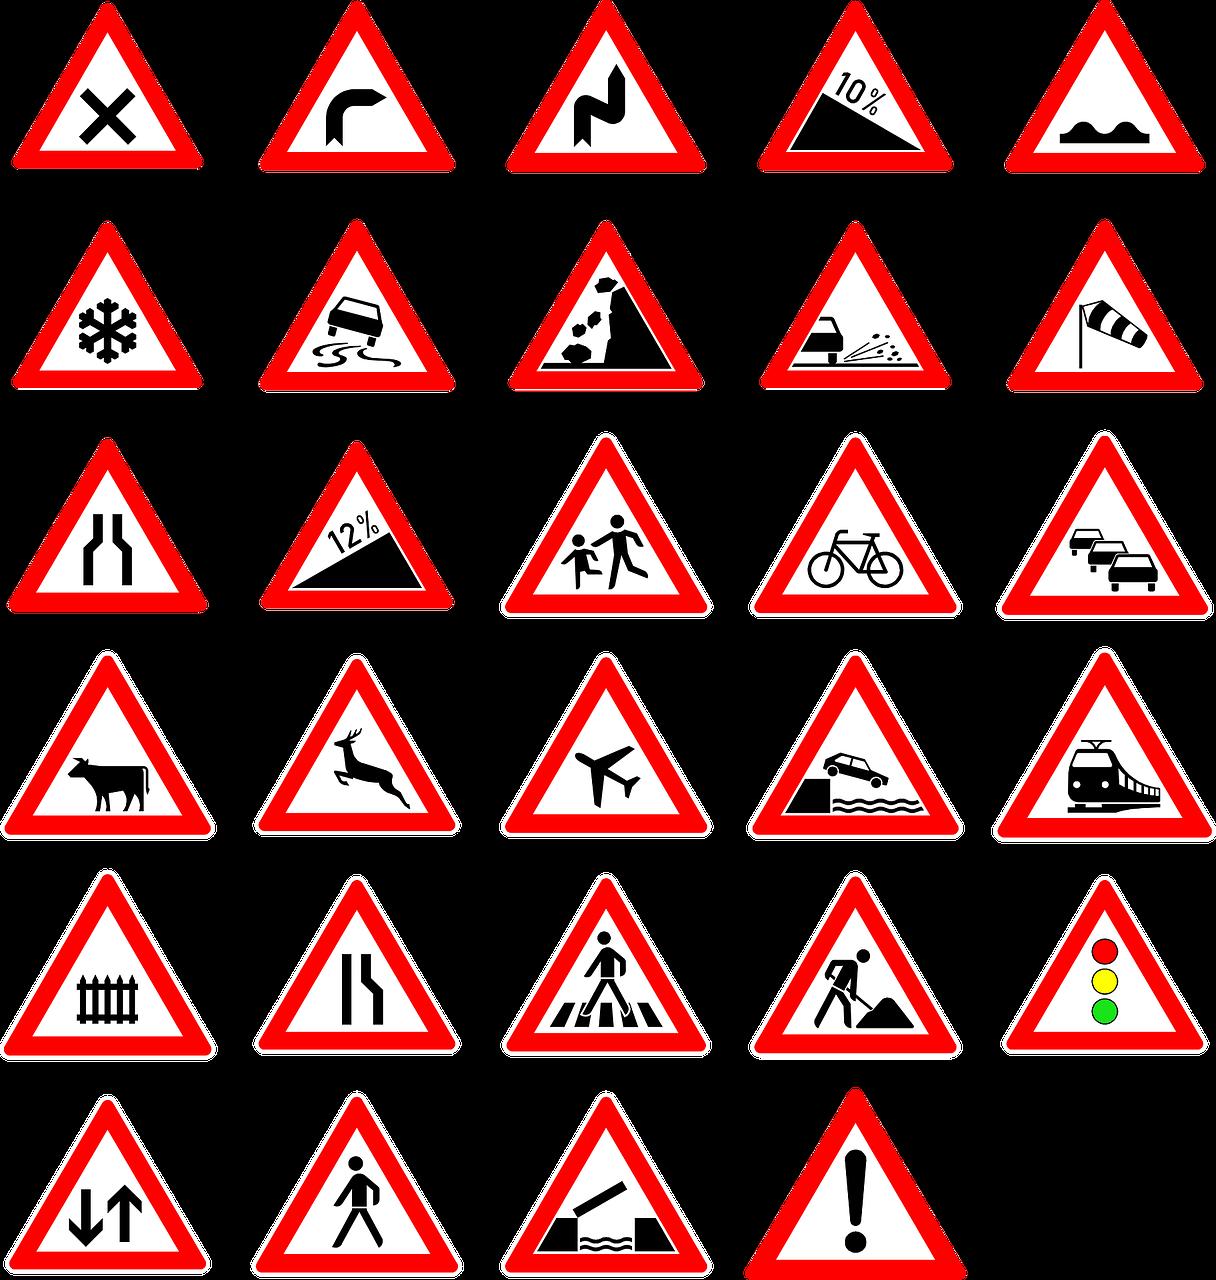 Traffic signs symbols road transparent image traffic pinterest traffic signs symbols road transparent image buycottarizona Choice Image